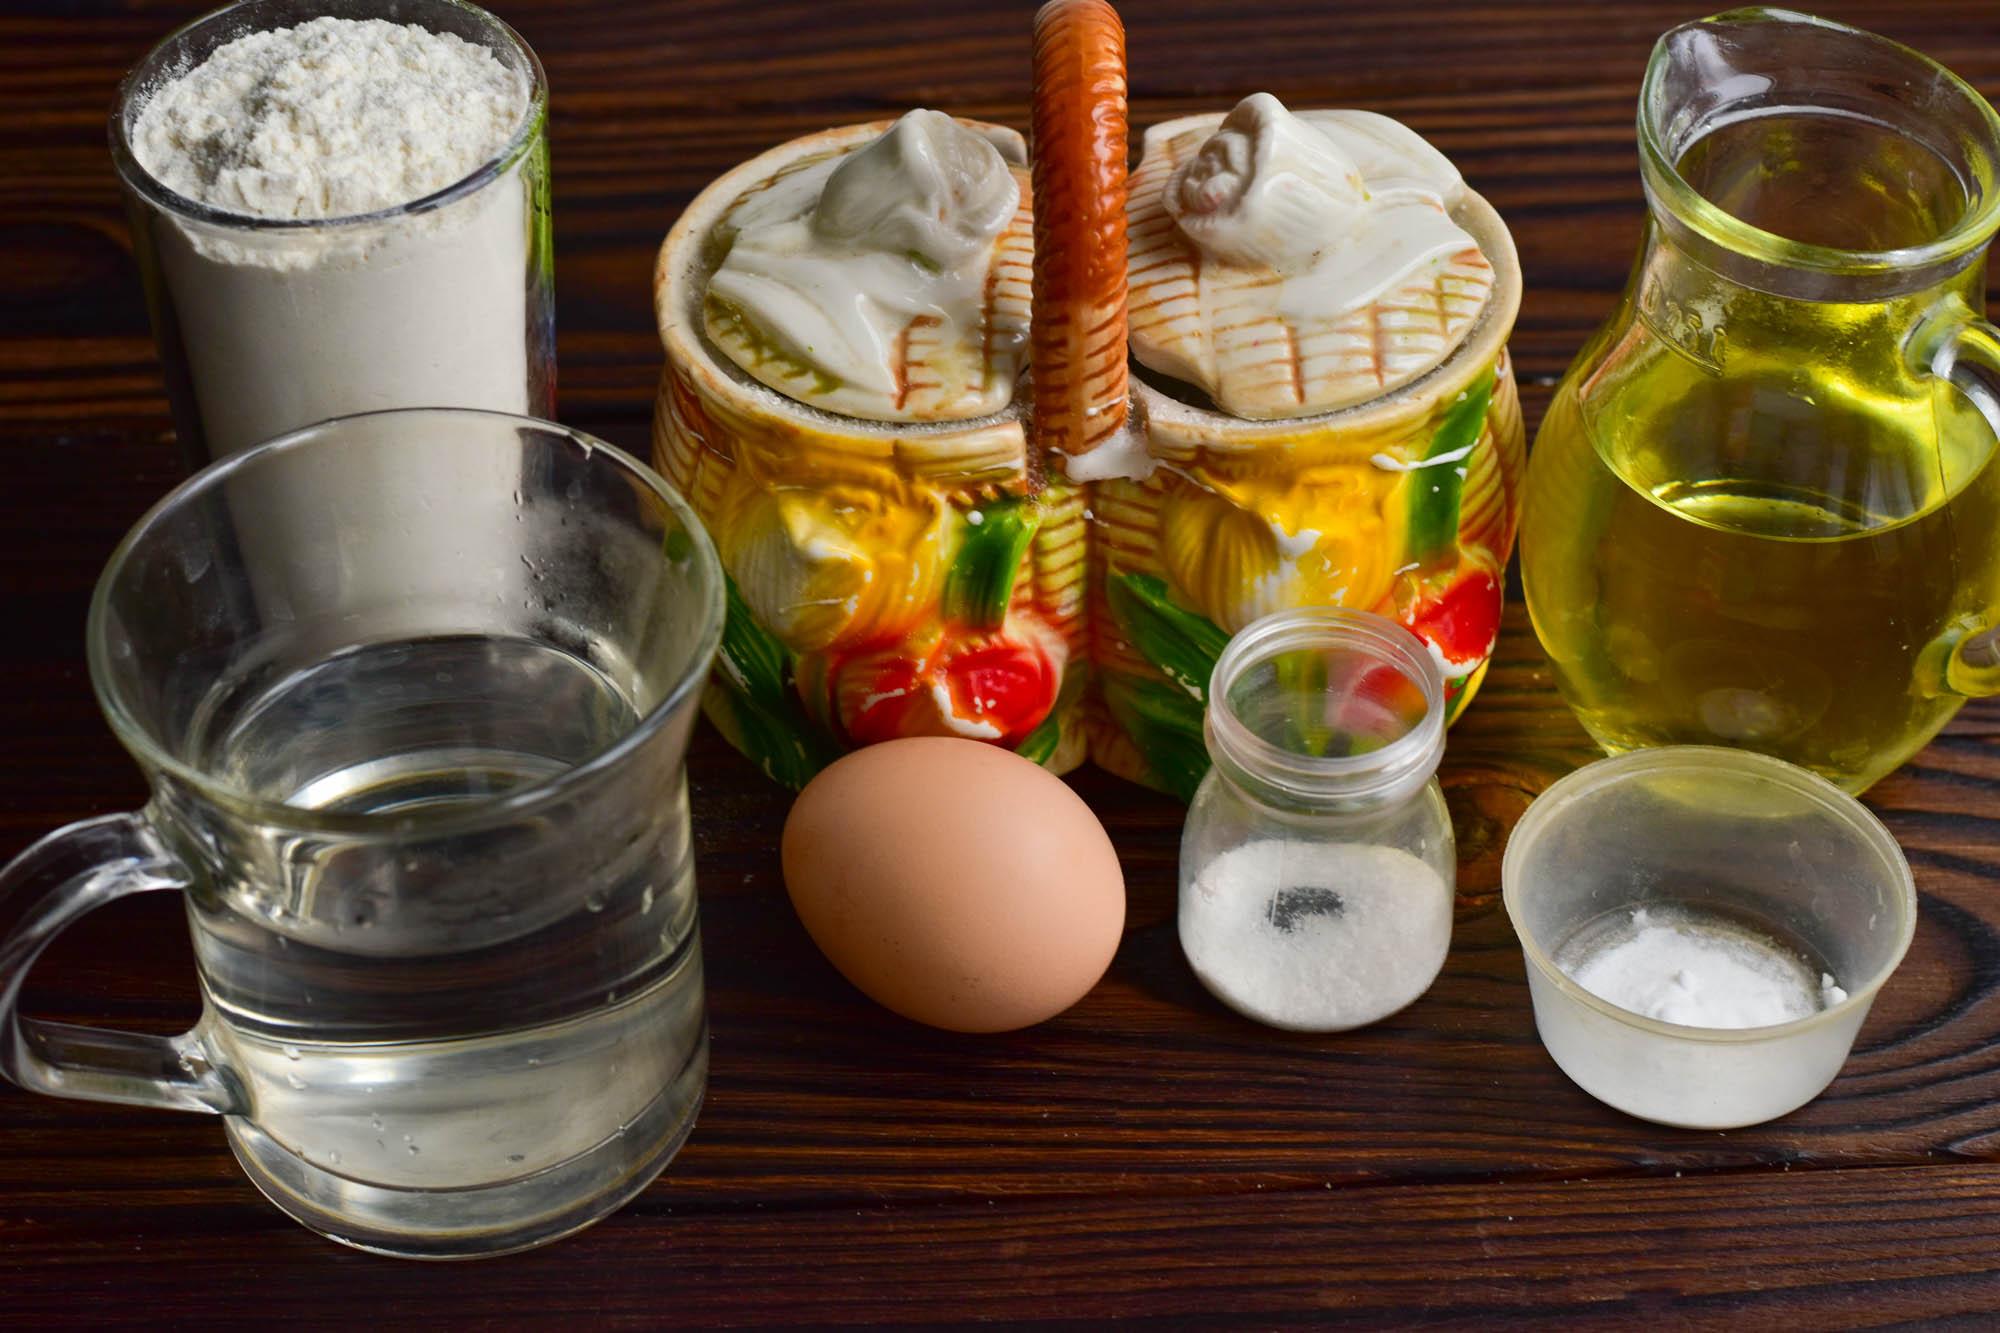 Панкейки на воде с содой: Ингредиенты